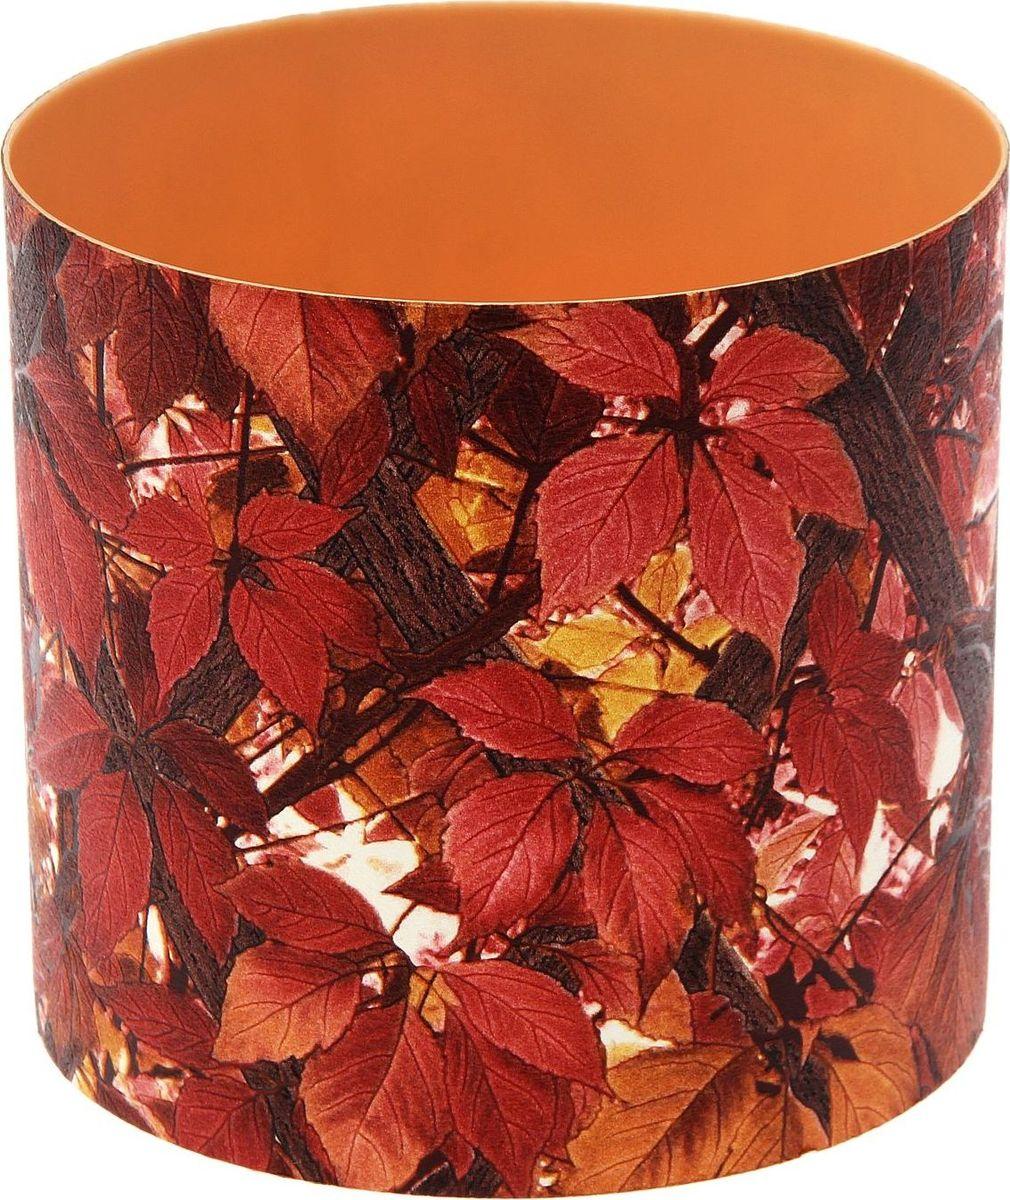 Горшок для цветов Simple Garden Кожа. Осень, со скрытым поддоном, цвет: коричневый, бордовый, 2,8 л1915411Любой, даже самый современный и продуманный интерьер будет незавершенным без растений. Они не только очищают воздух и насыщают его кислородом, но и украшают окружающее пространство. Такому полезному члену семьи просто необходим красивый и функциональный дом, которым может стать горшок для цветов Simple Garden Кожа. Осень! Оптимальный выбор материала - пластмасса! С легкостью переносите горшки и кашпо с места на место, ставьте их на столики или полки, не беспокоясь о нагрузке. Кашпо не нуждается в специальных условиях хранения. Его легко чистить - достаточно просто сполоснуть теплой водой. Никаких потертостей. Такие кашпо не царапают и не загрязняют поверхности, на которых стоят. Пластик дольше хранит влагу, а значит, растение реже нуждается в поливе. Пластмасса не пропускает воздух - корневой системе растения не грозят резкие перепады температур.Создавайте прекрасные цветочные композиции, выращивайте рассаду или необычные растения. Объем: 2,8 л.